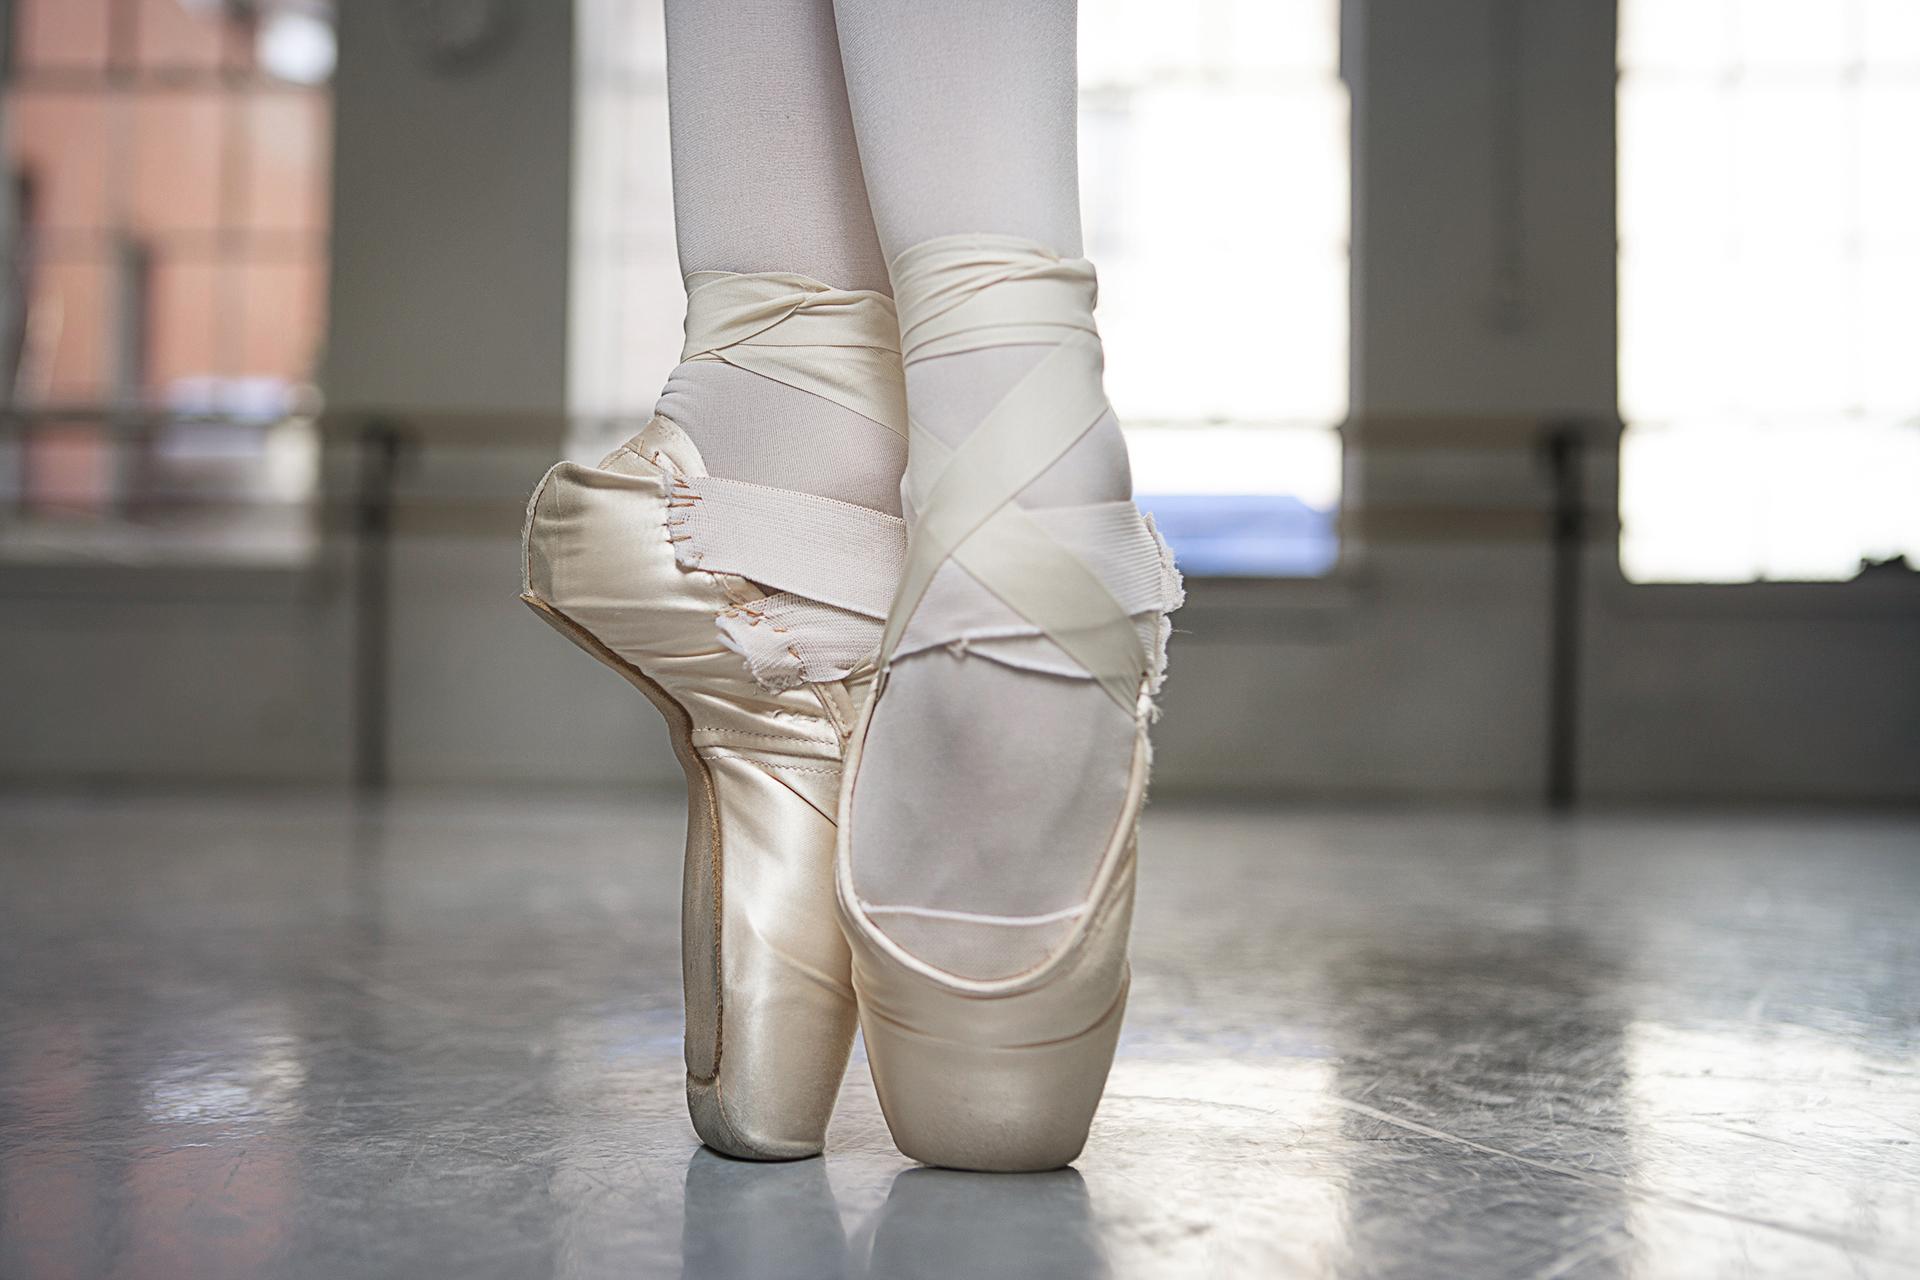 The Ballerina_20130324_0003